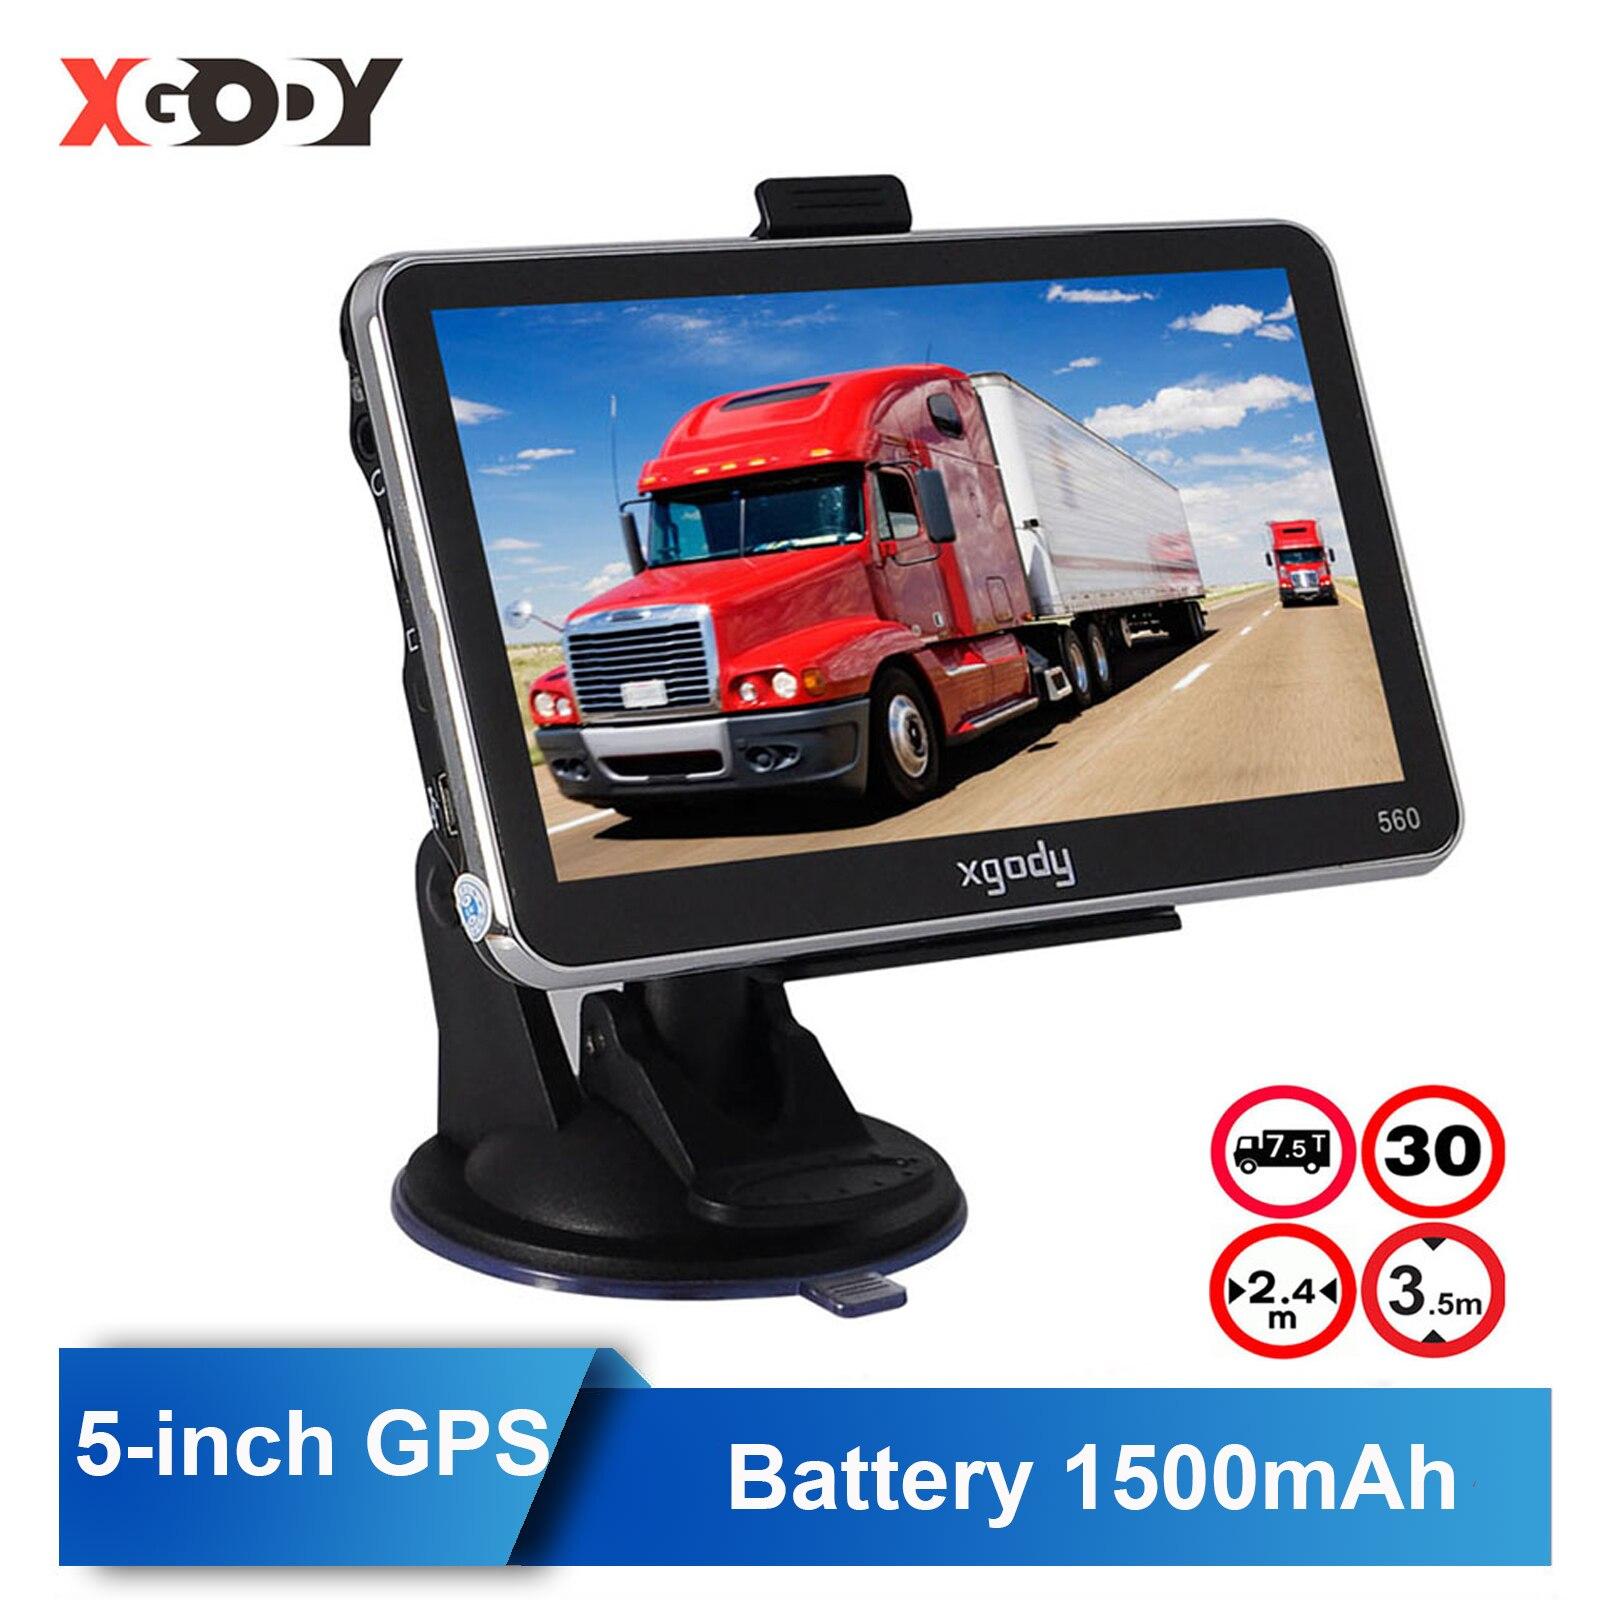 XGODY 560 5 дюймов GPS навигация грузовик GPS автомобильный навигатор русский Navitel 128 м + 8 Гб автомобиля Кепка-тракер стерео система со спутниковой н...